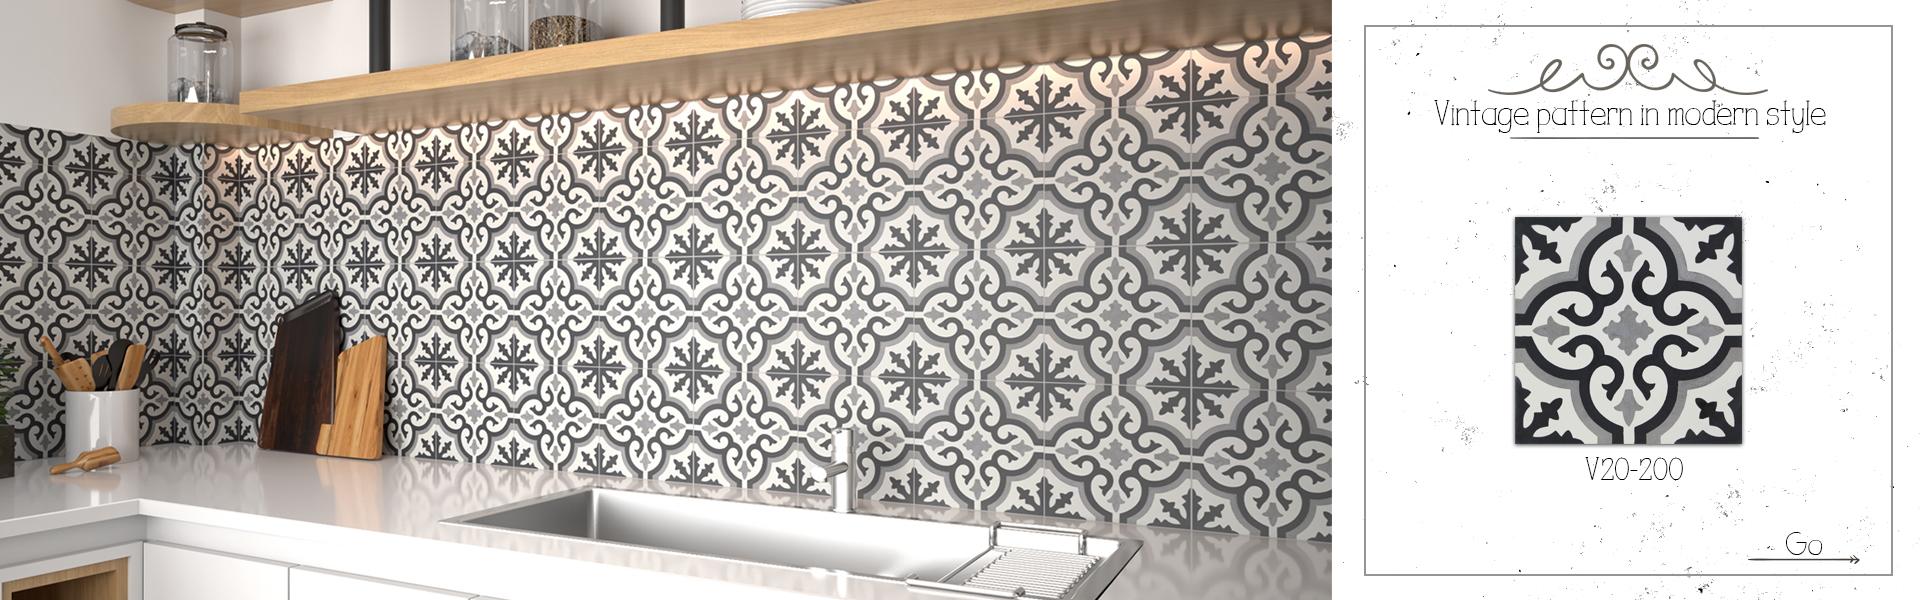 V20-200 Cement tile - Vintage pattern in modern style